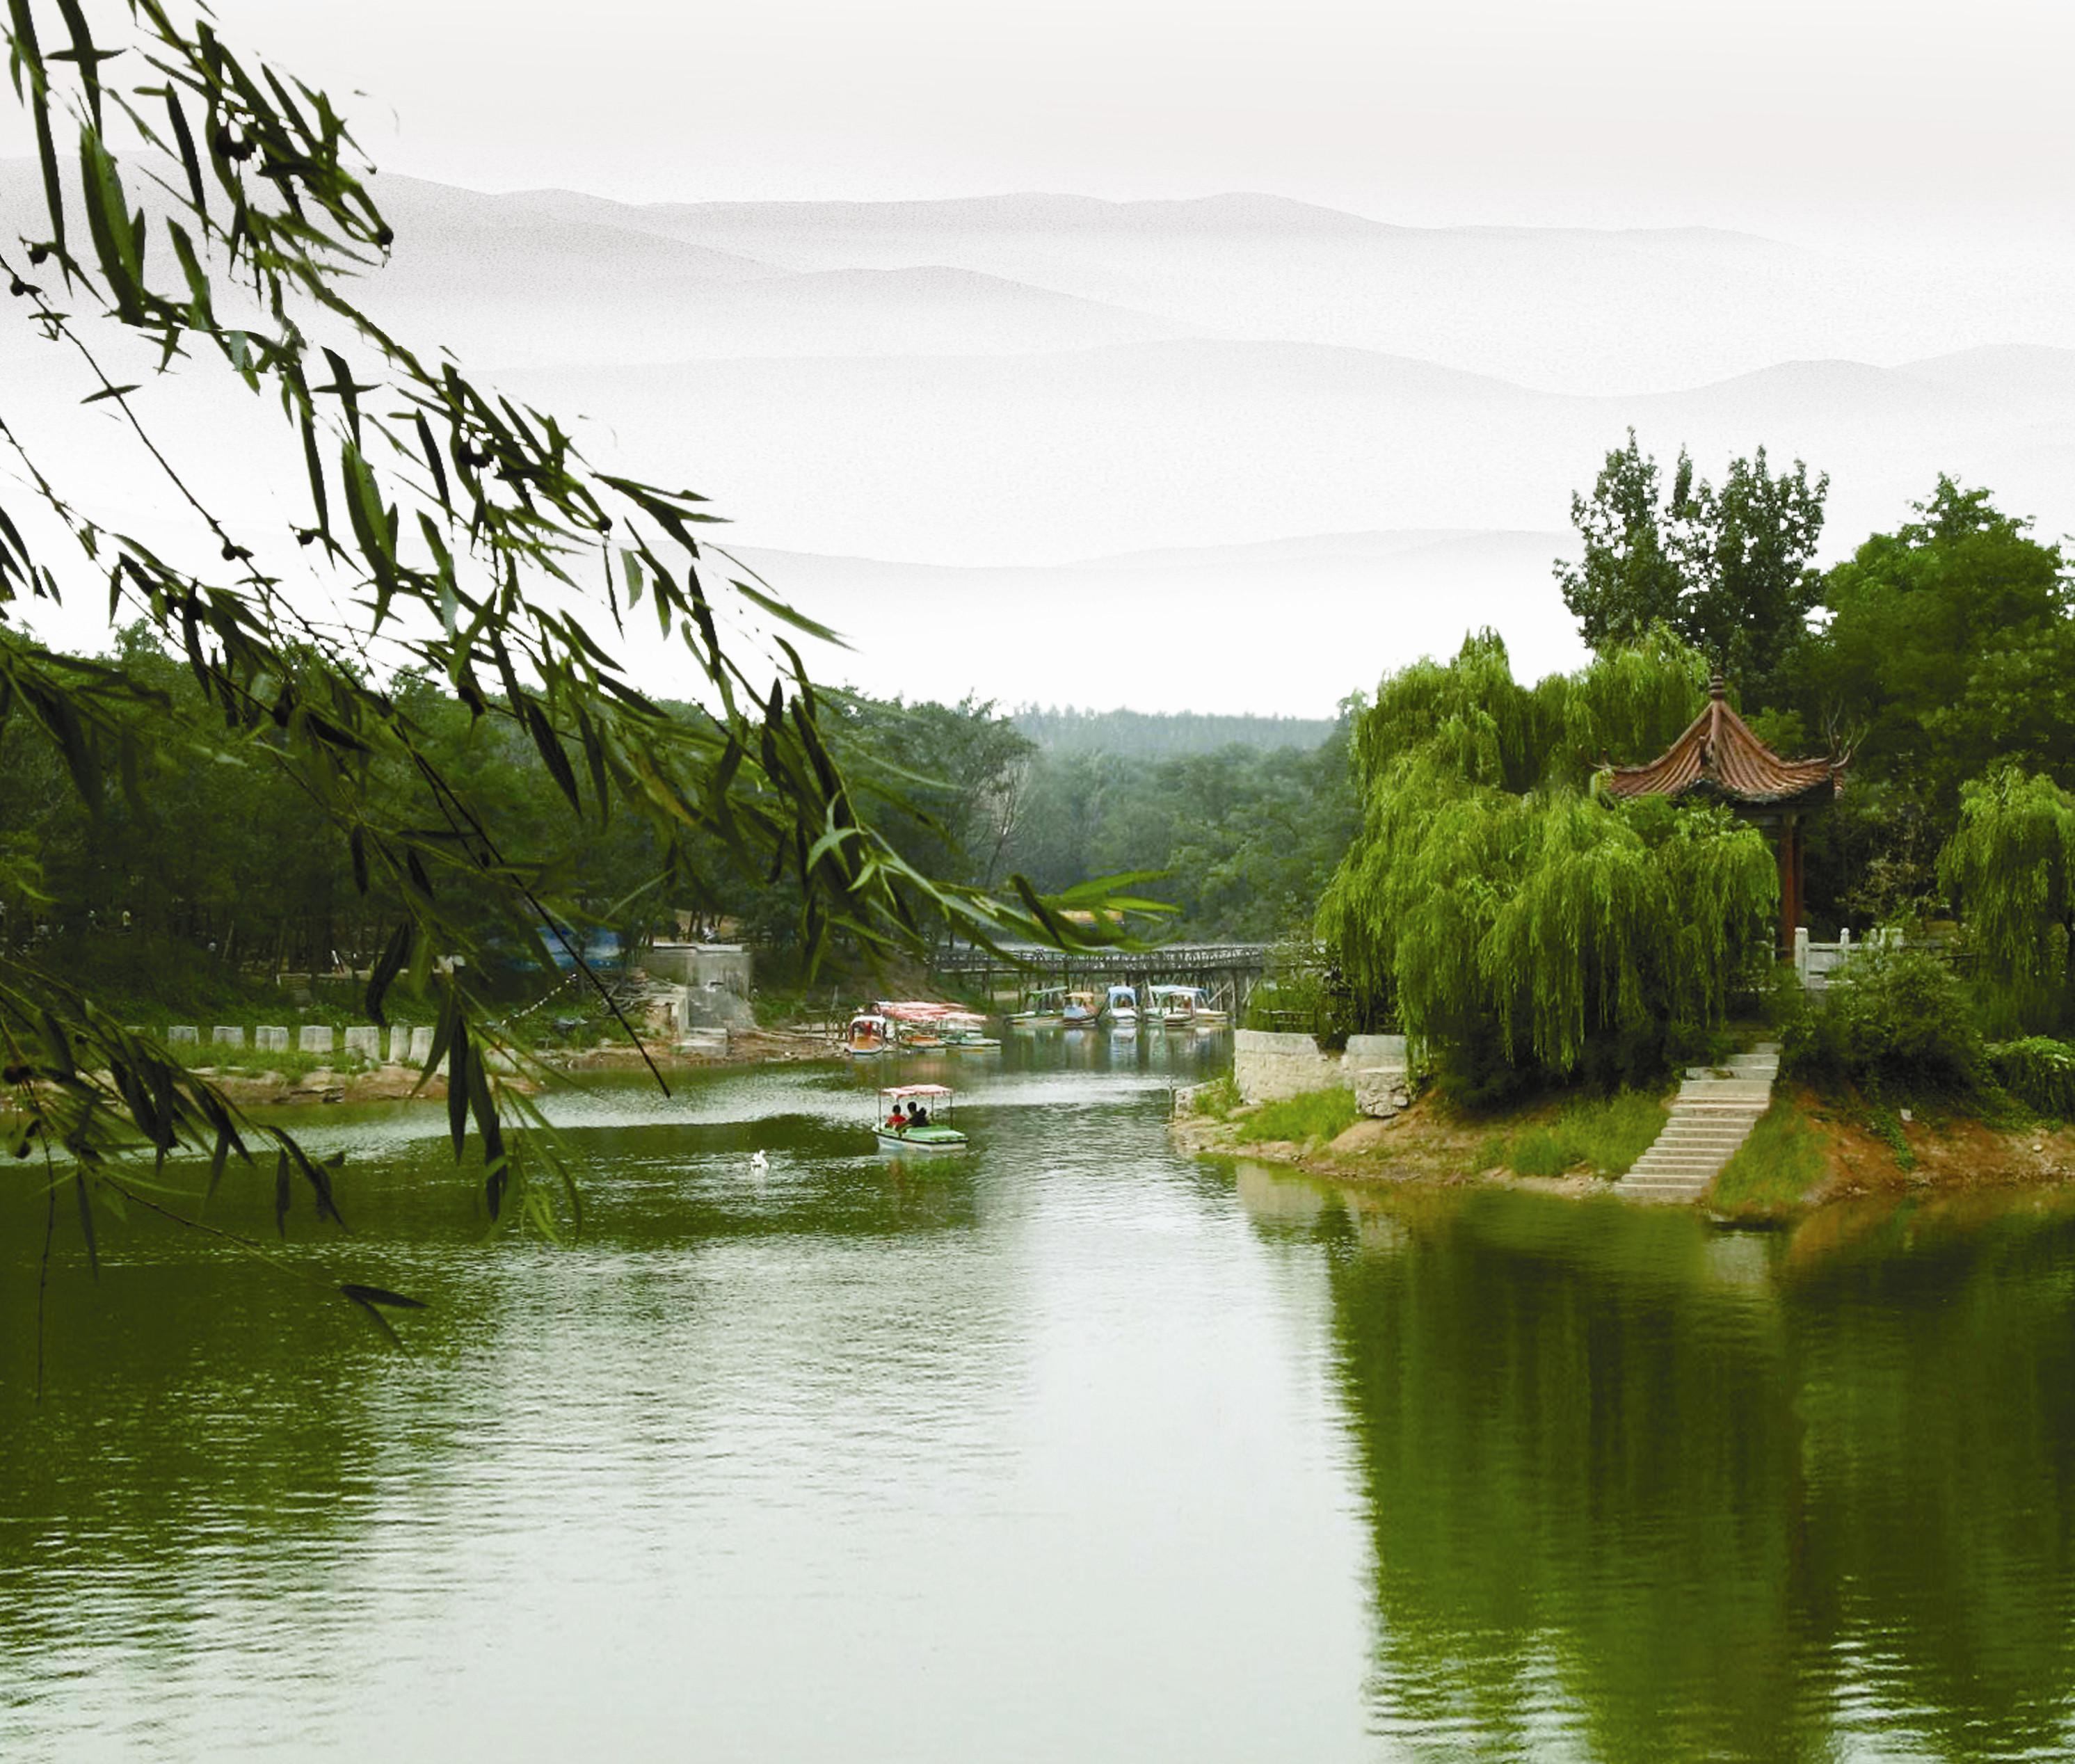 公司介绍 淄博玉黛湖风景区是一家集休闲度假,农业观光,游乐体验